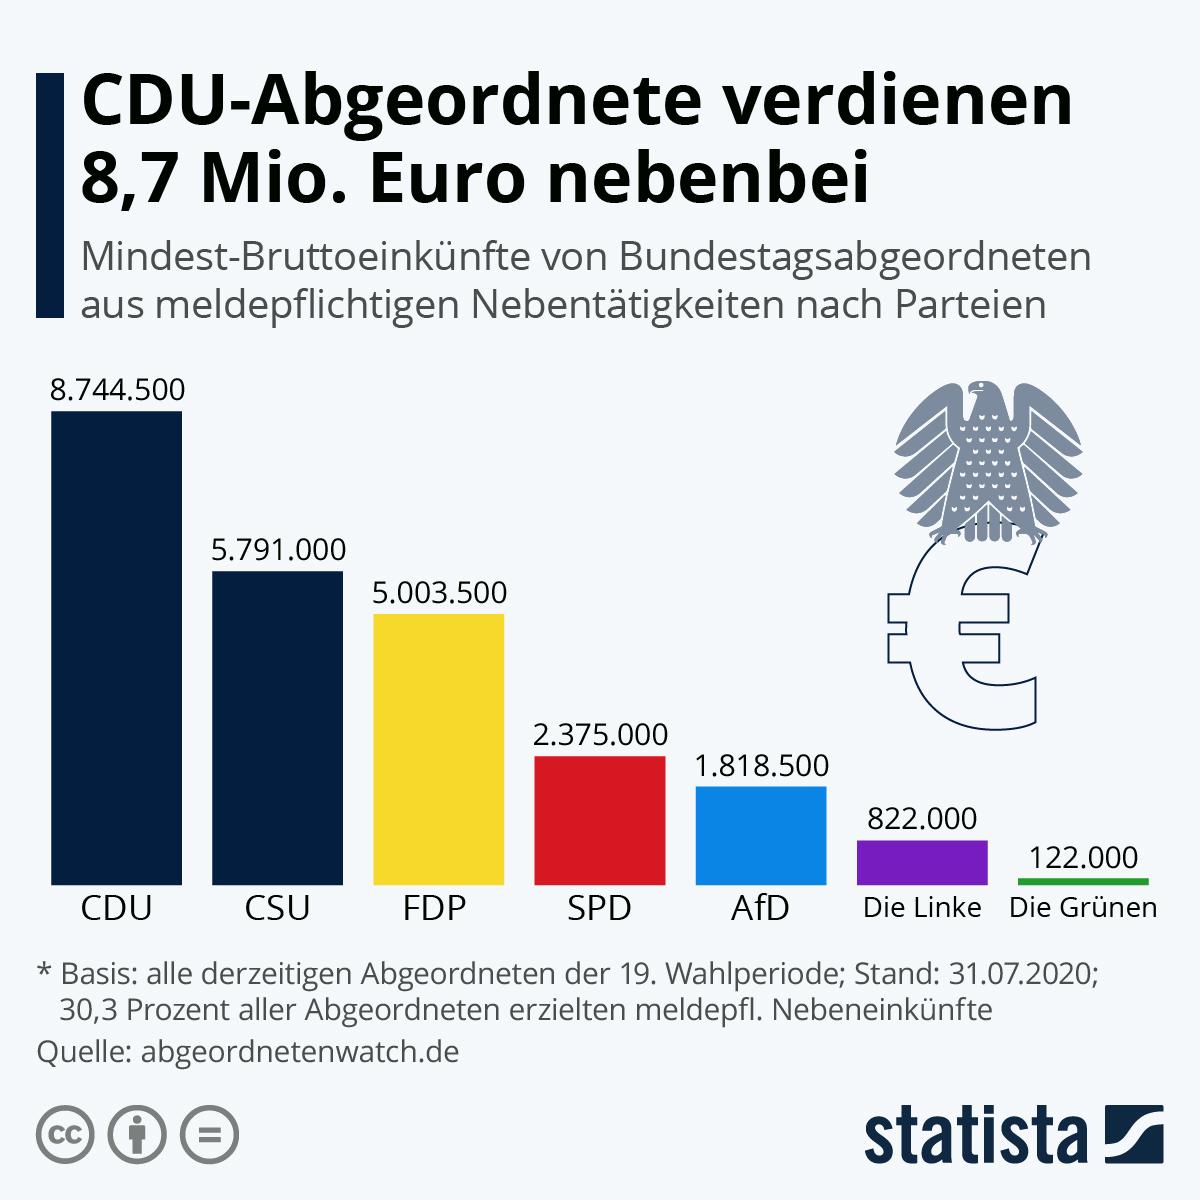 Infografik: CDU-Abgeordnete verdienen 8,7 Mio. Euro nebenbei | Statista